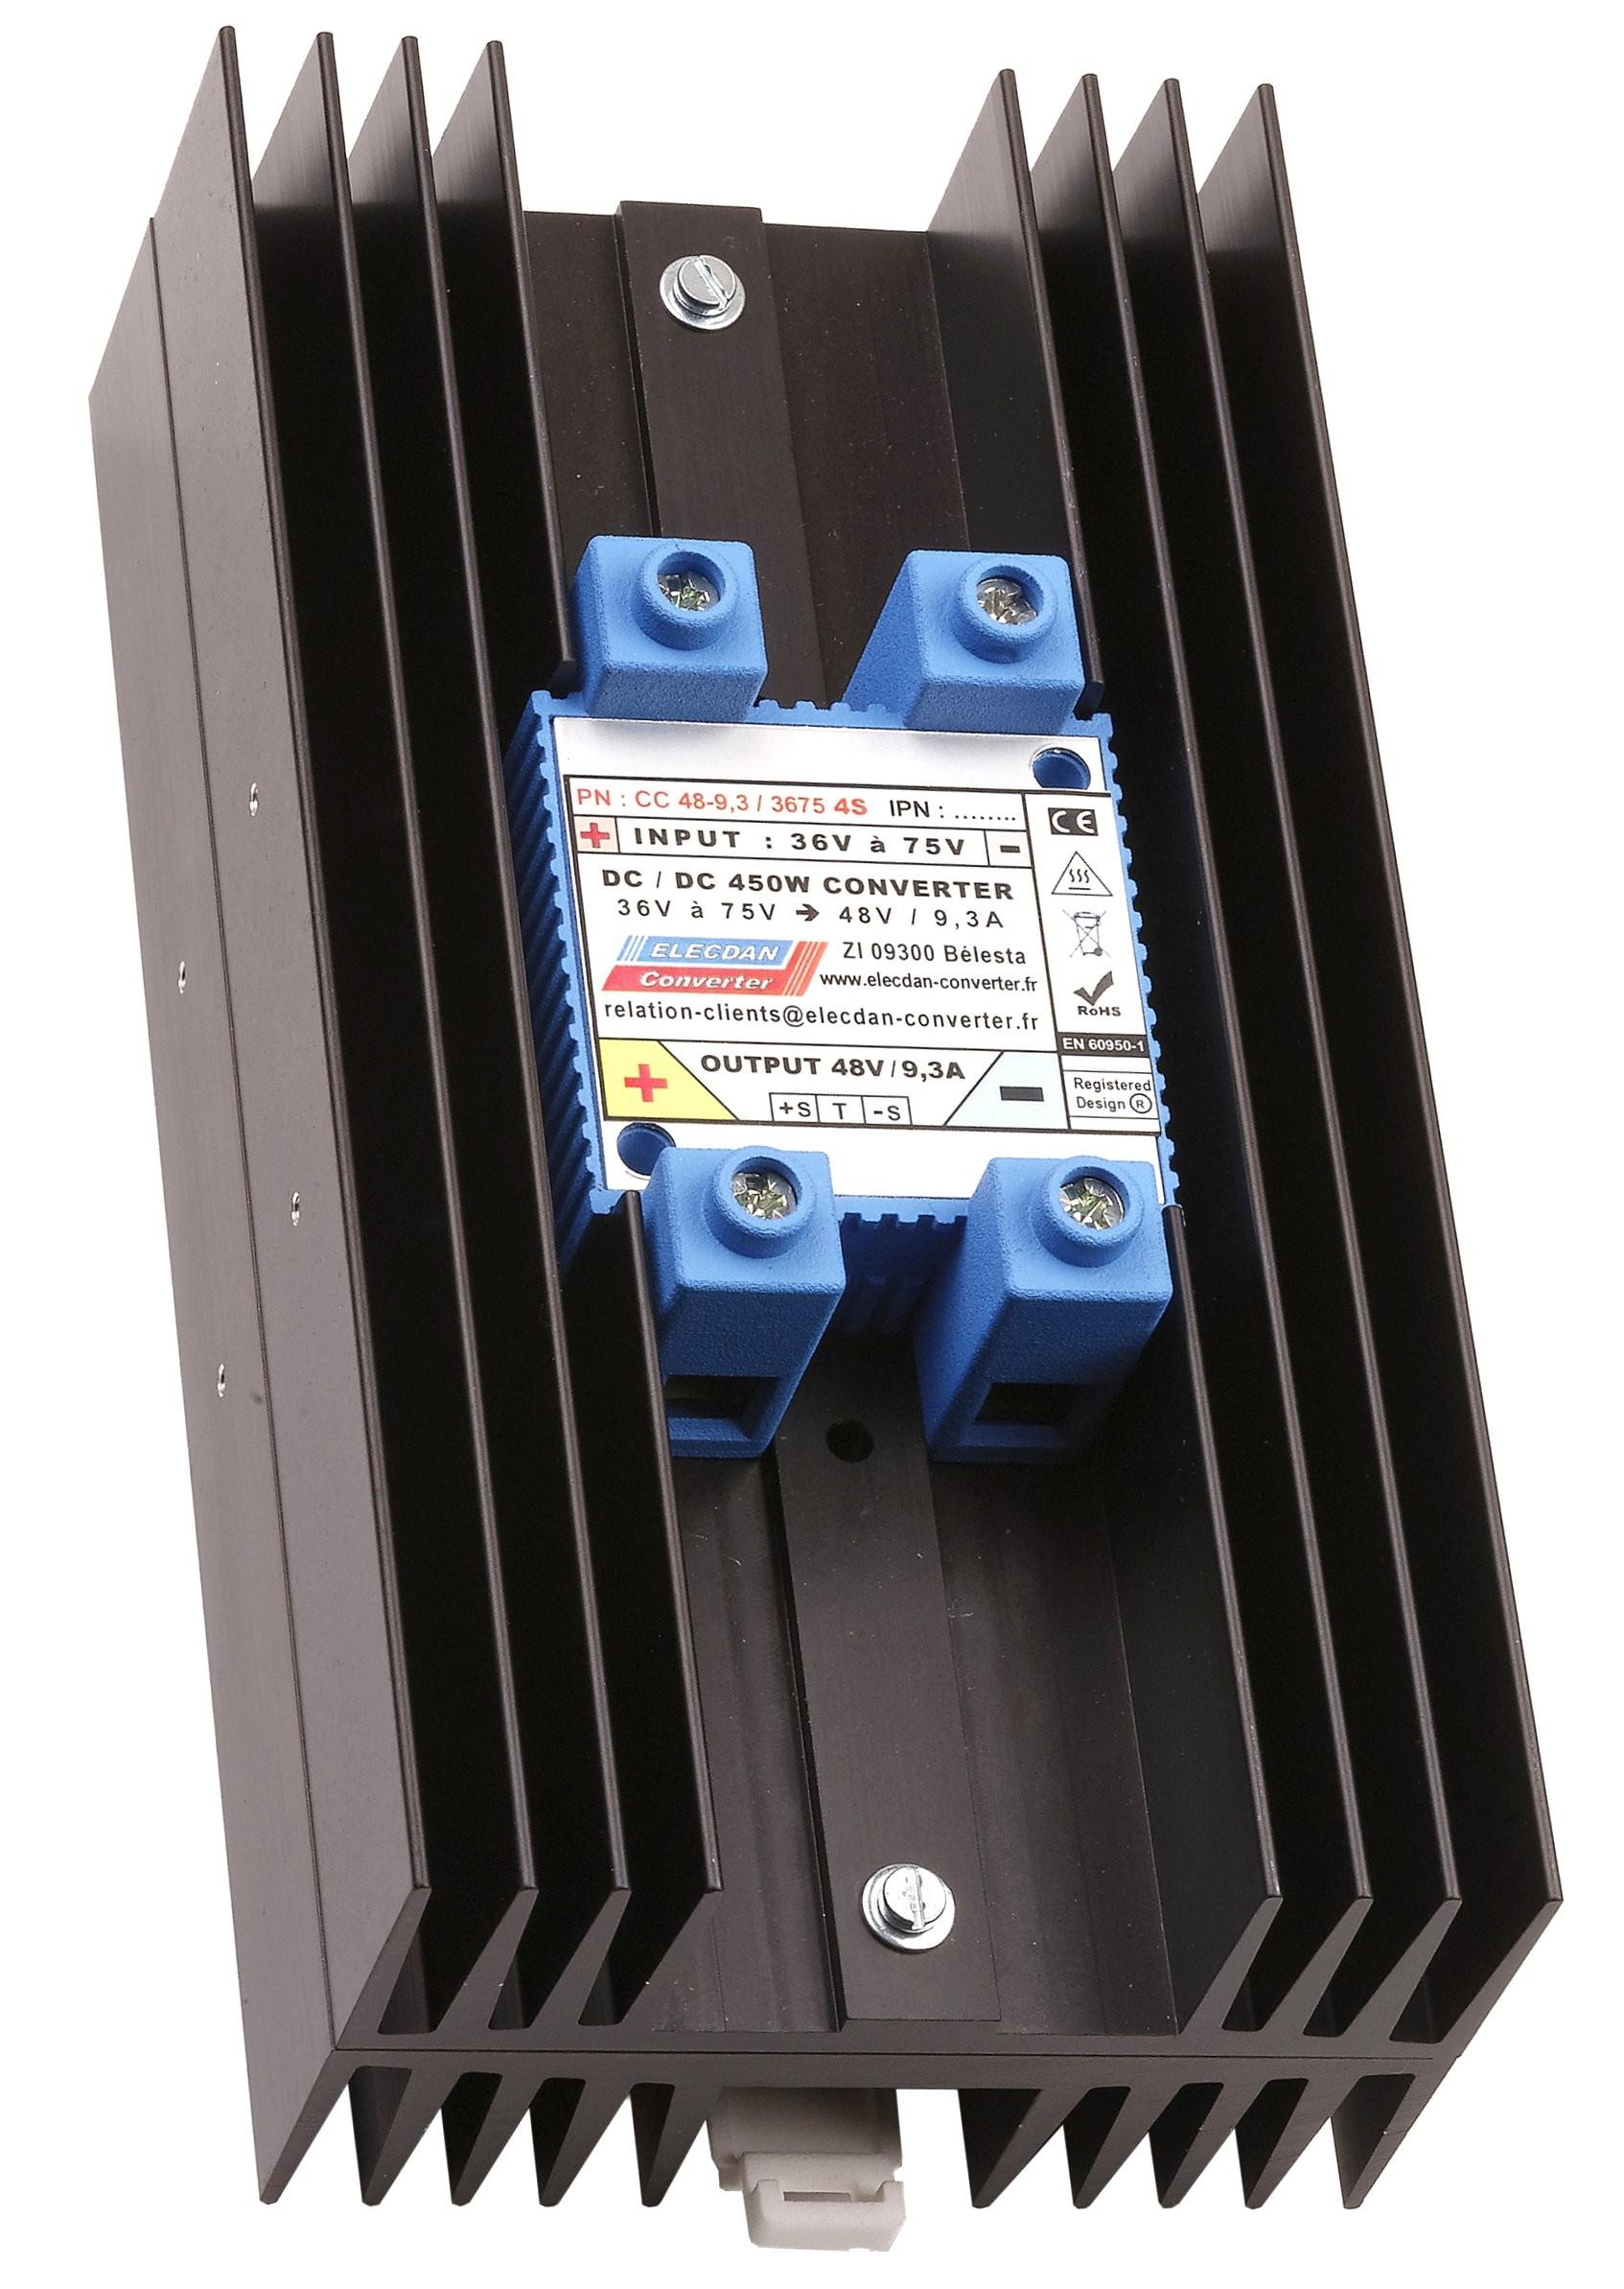 Convertisseurs de tensions 450W, dc/dc isolés entrée 36V à 75 V → sortie 48V/9.3A - Réf. CC 48-9,3 / 3675